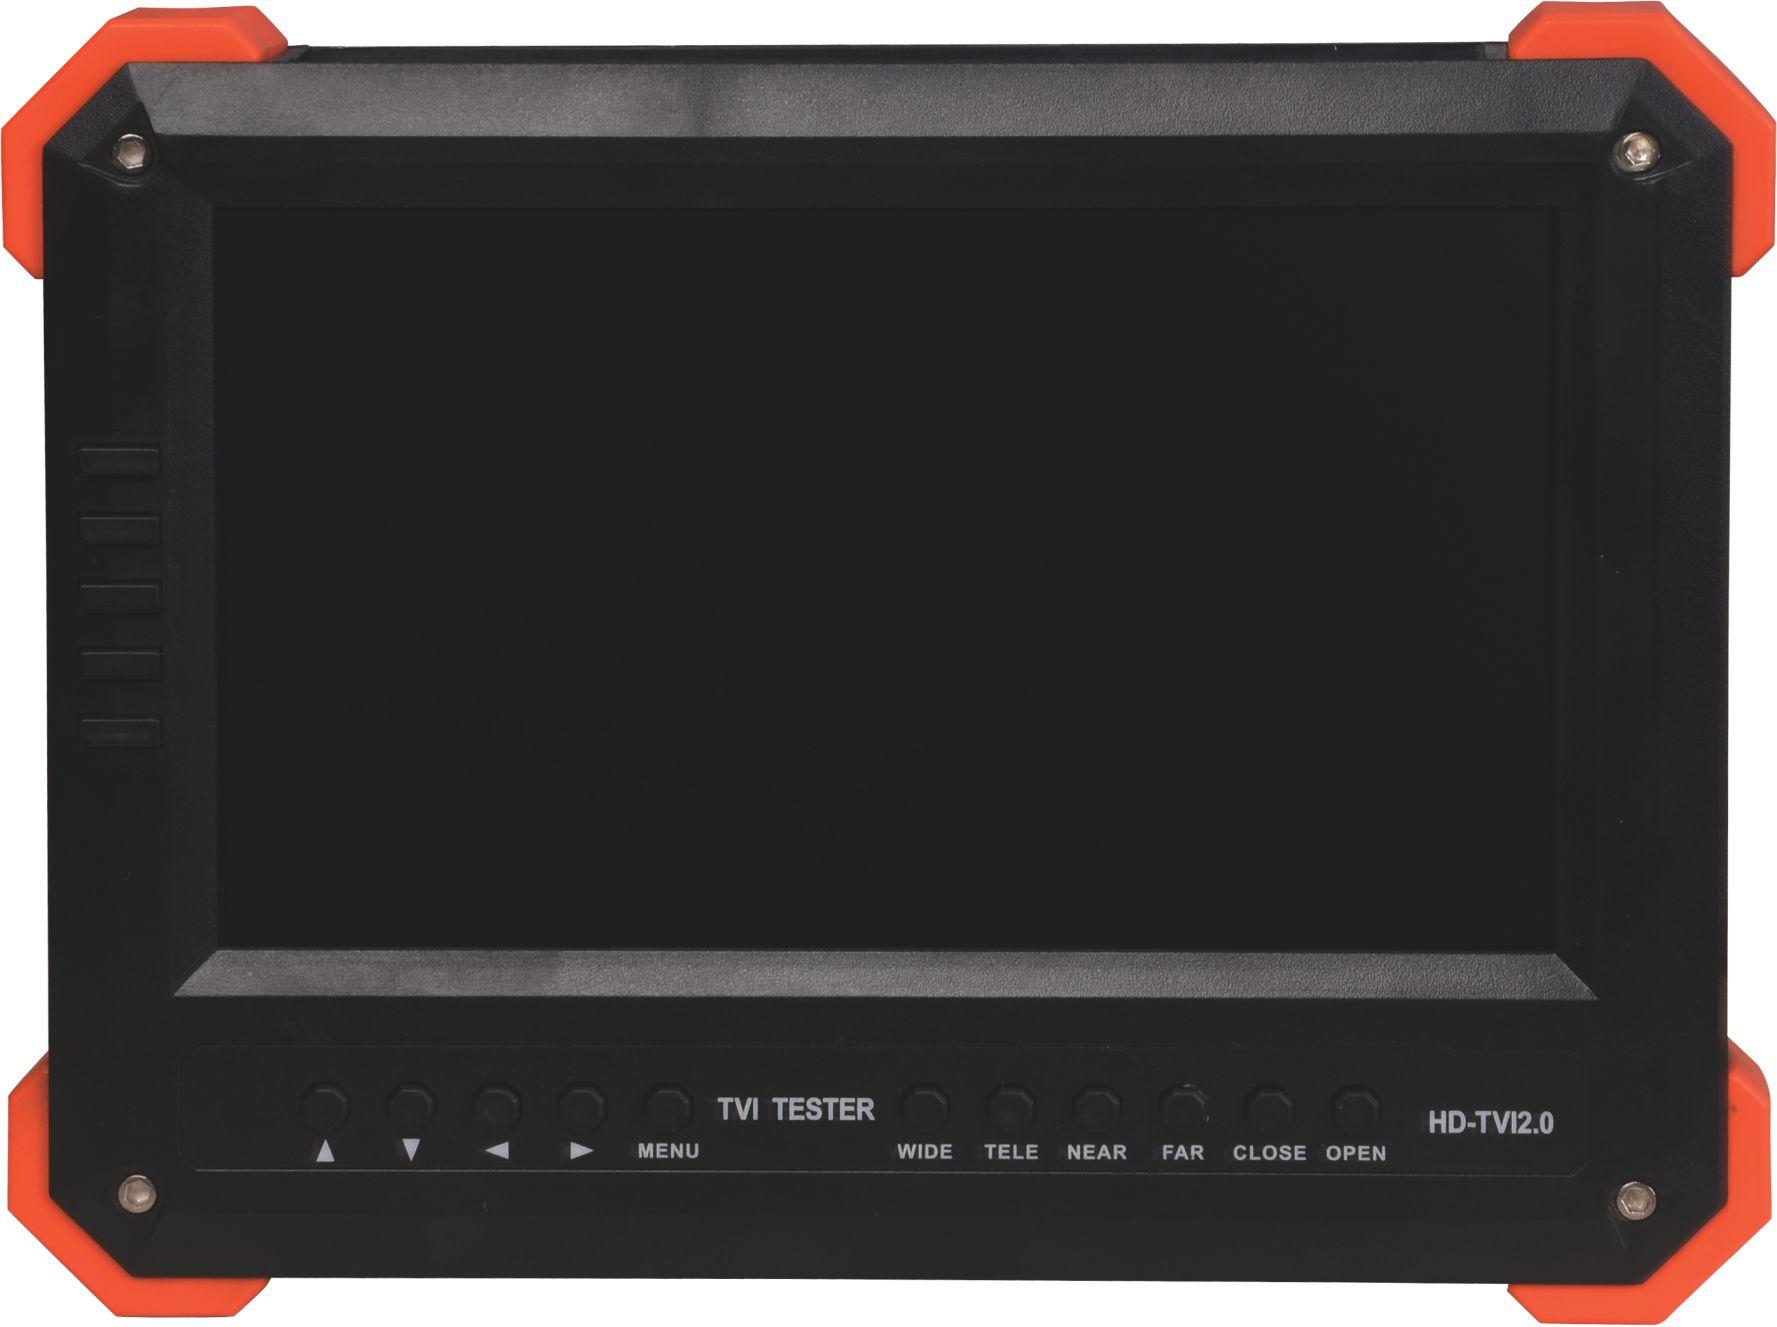 7寸工程宝视频监控测试仪X41TAC ahd tvi cvi 模拟同轴 VGA HDMI